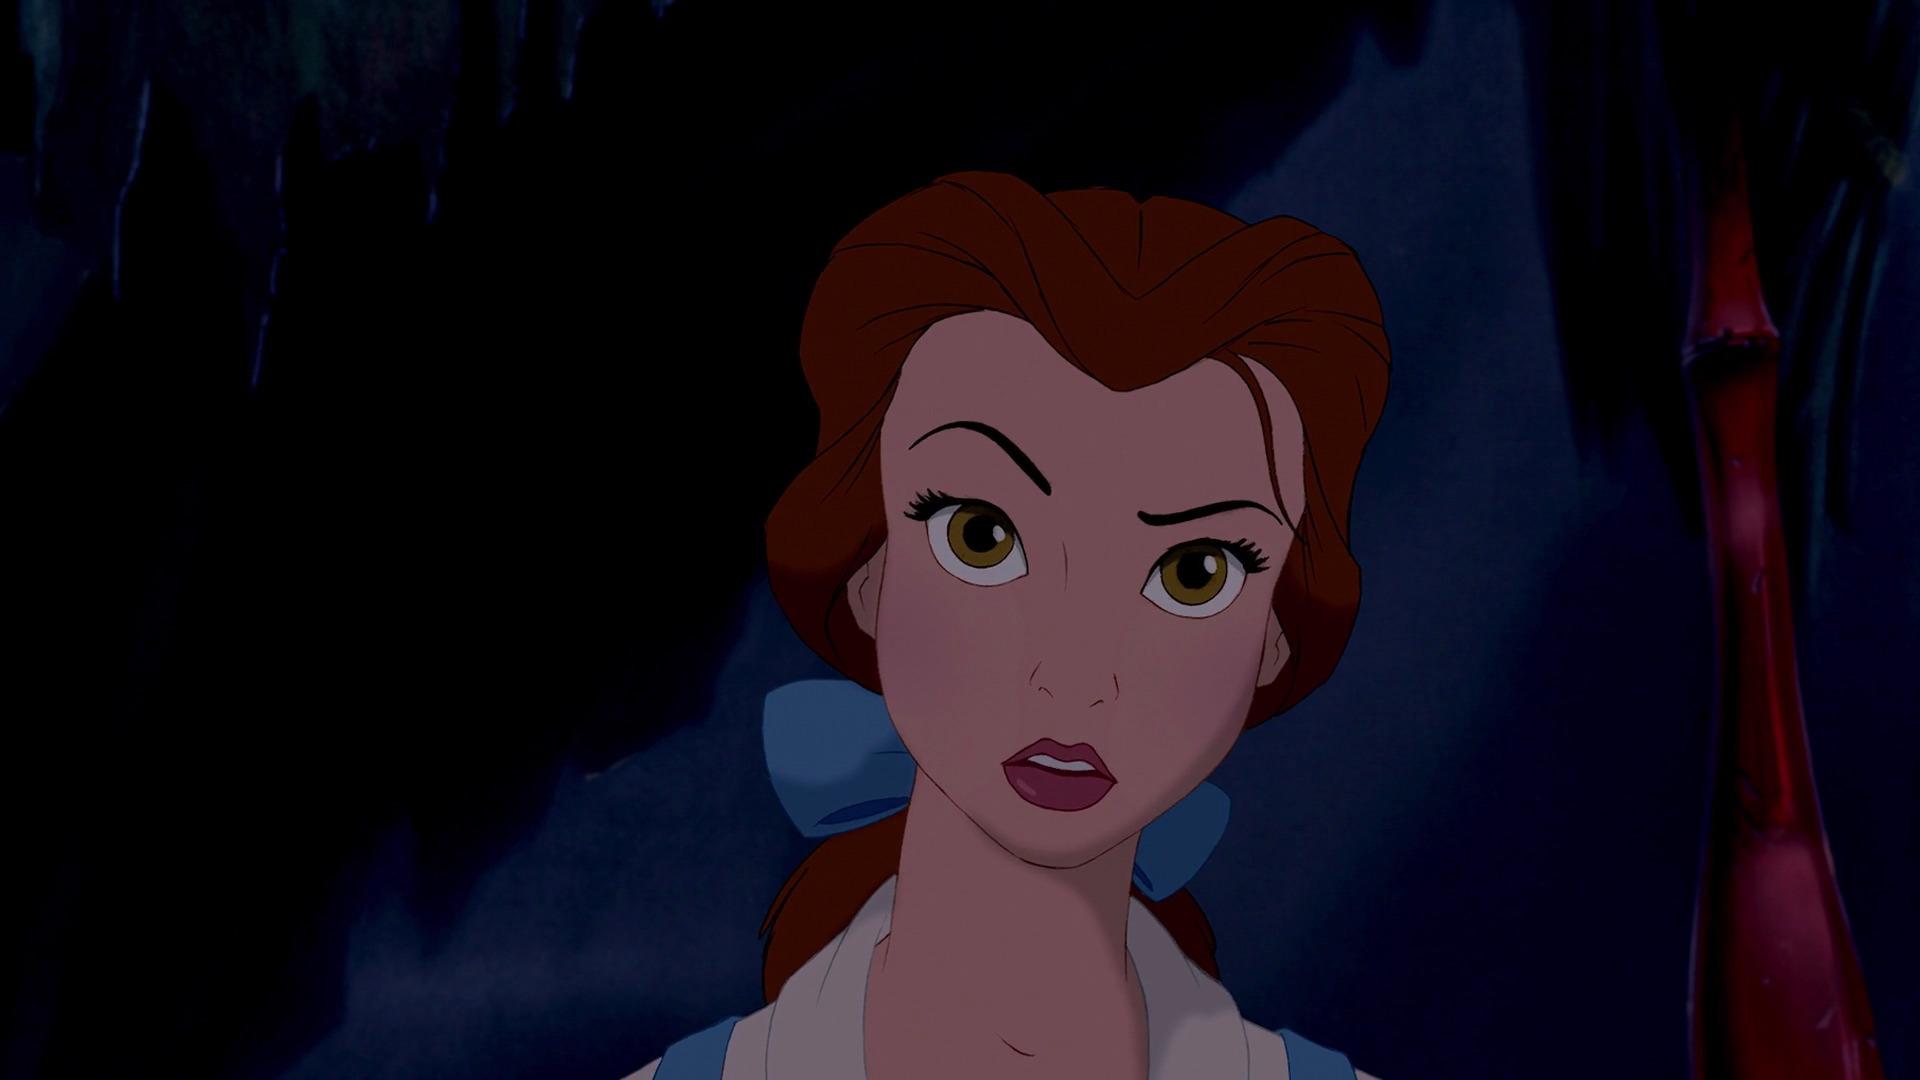 принцесса и лягушка картинки из мультика